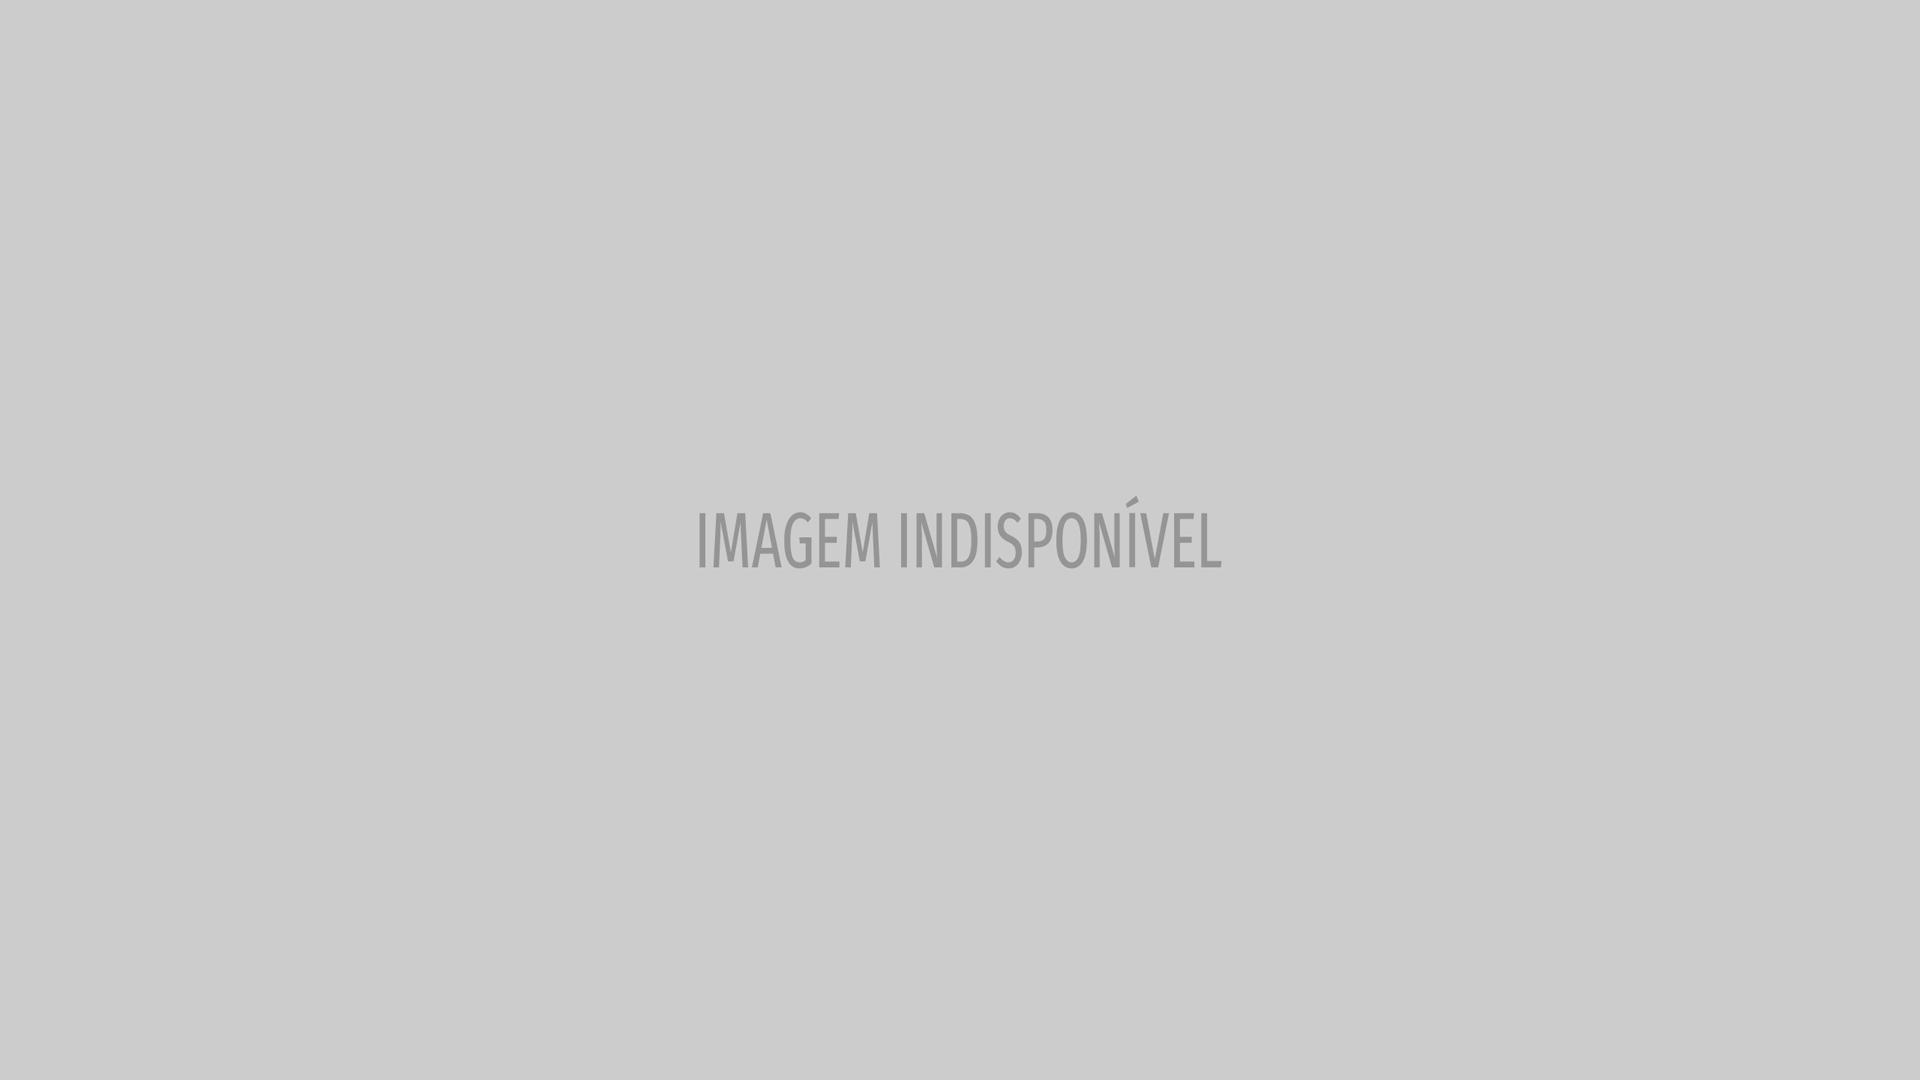 Daniel Alves projeta recuperação do SP 'Todo suor vai valer a pena'